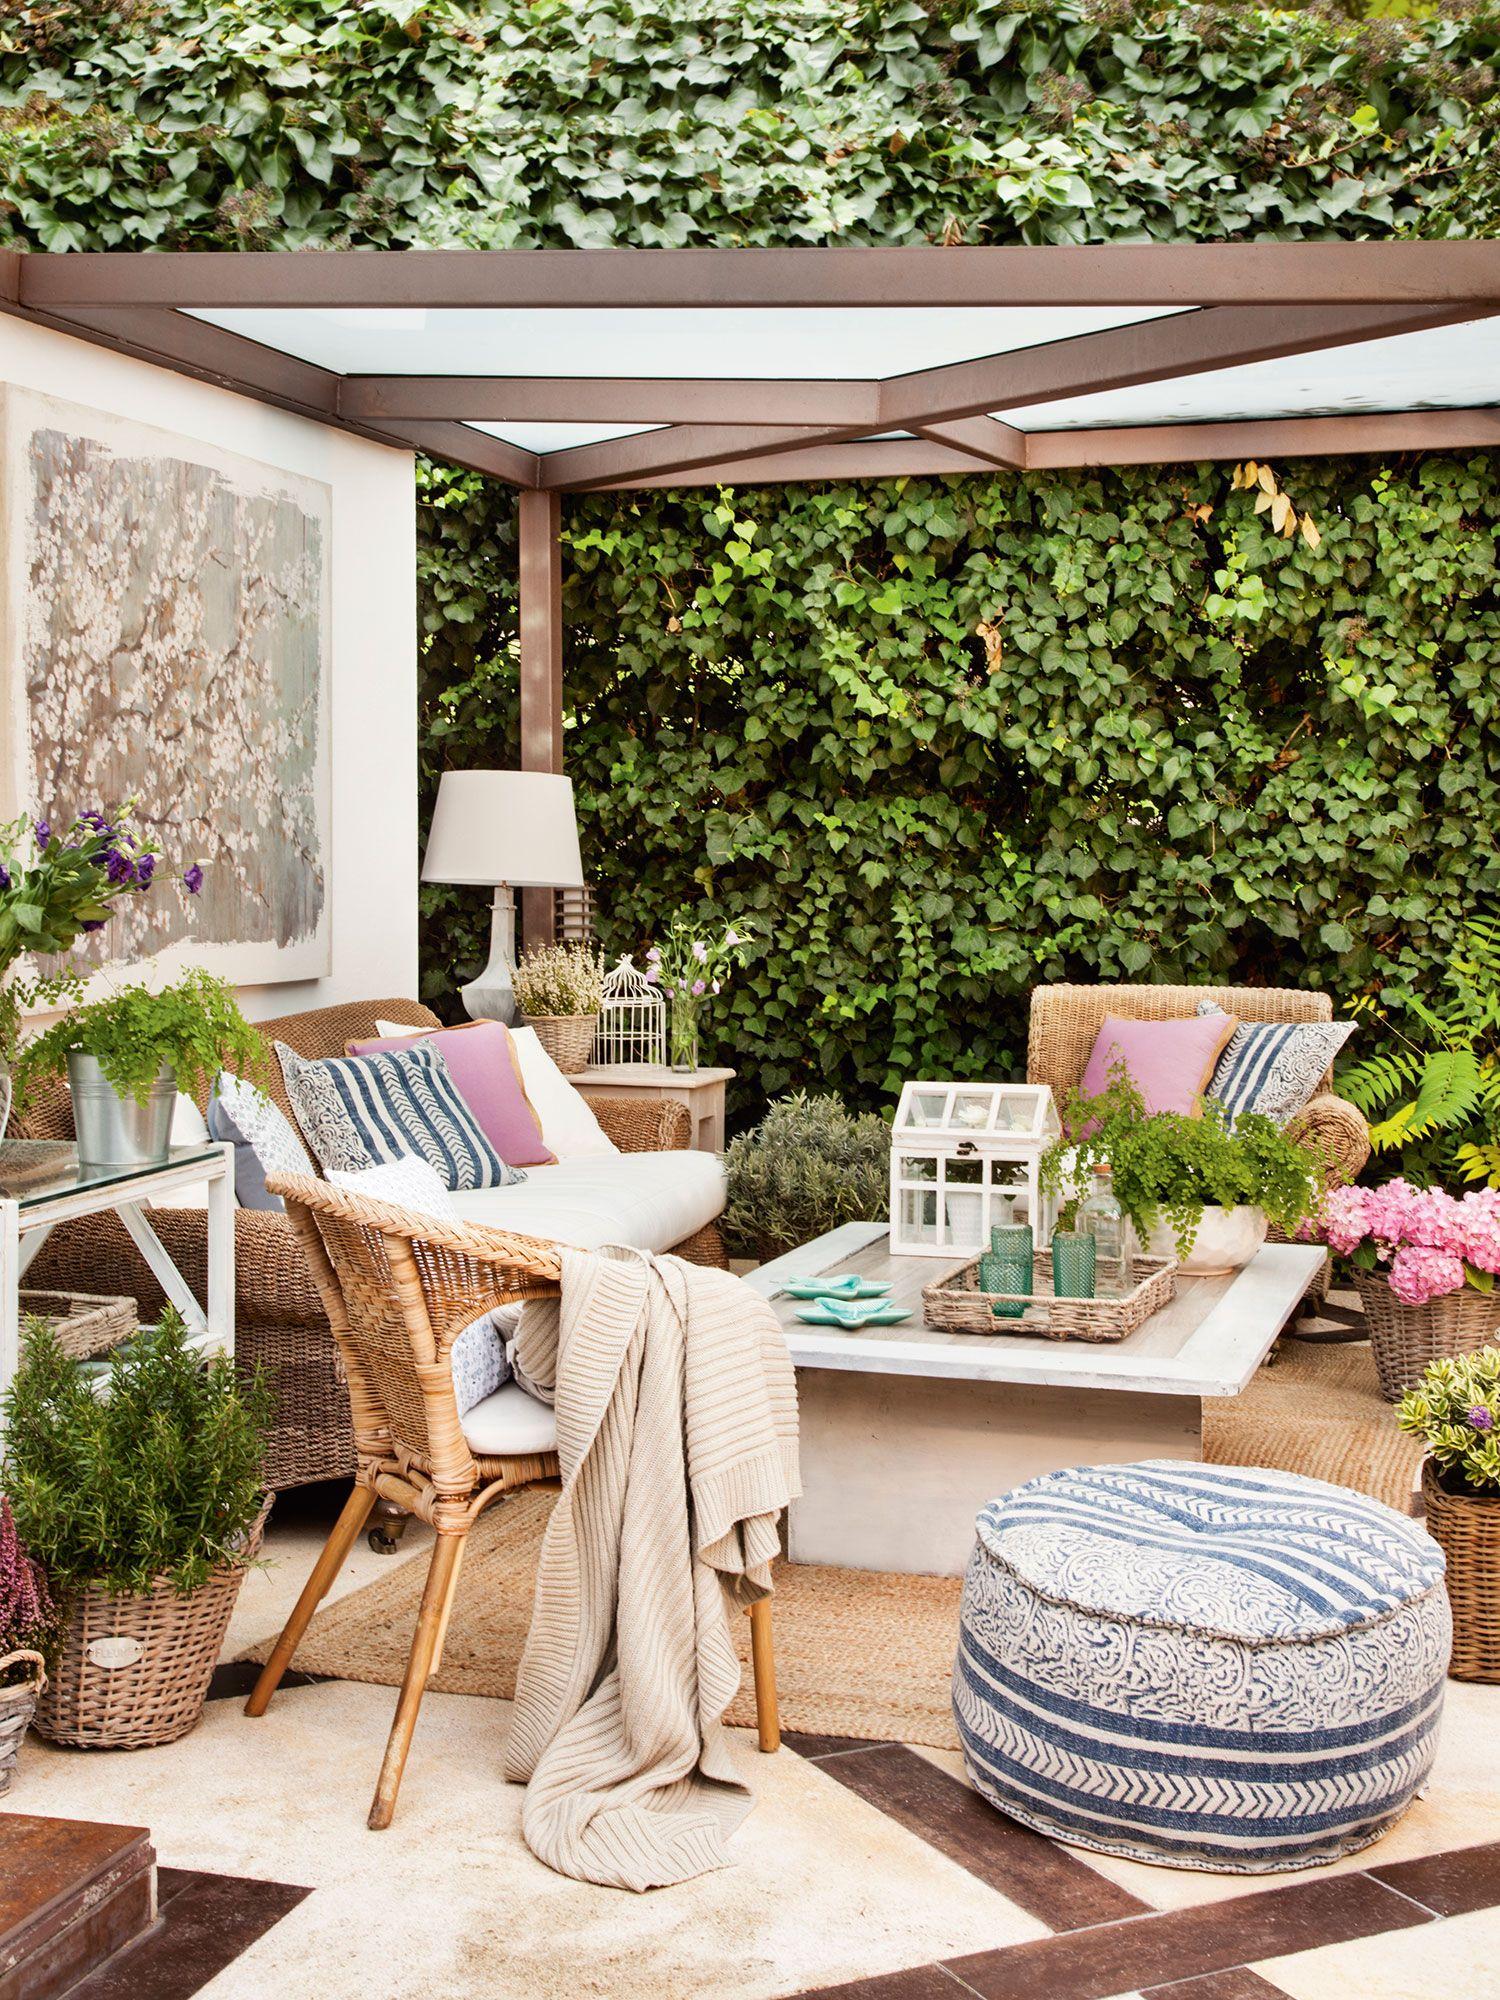 Sal n de verano en terraza con p rgola pinterest for Decorar terraza patio interior